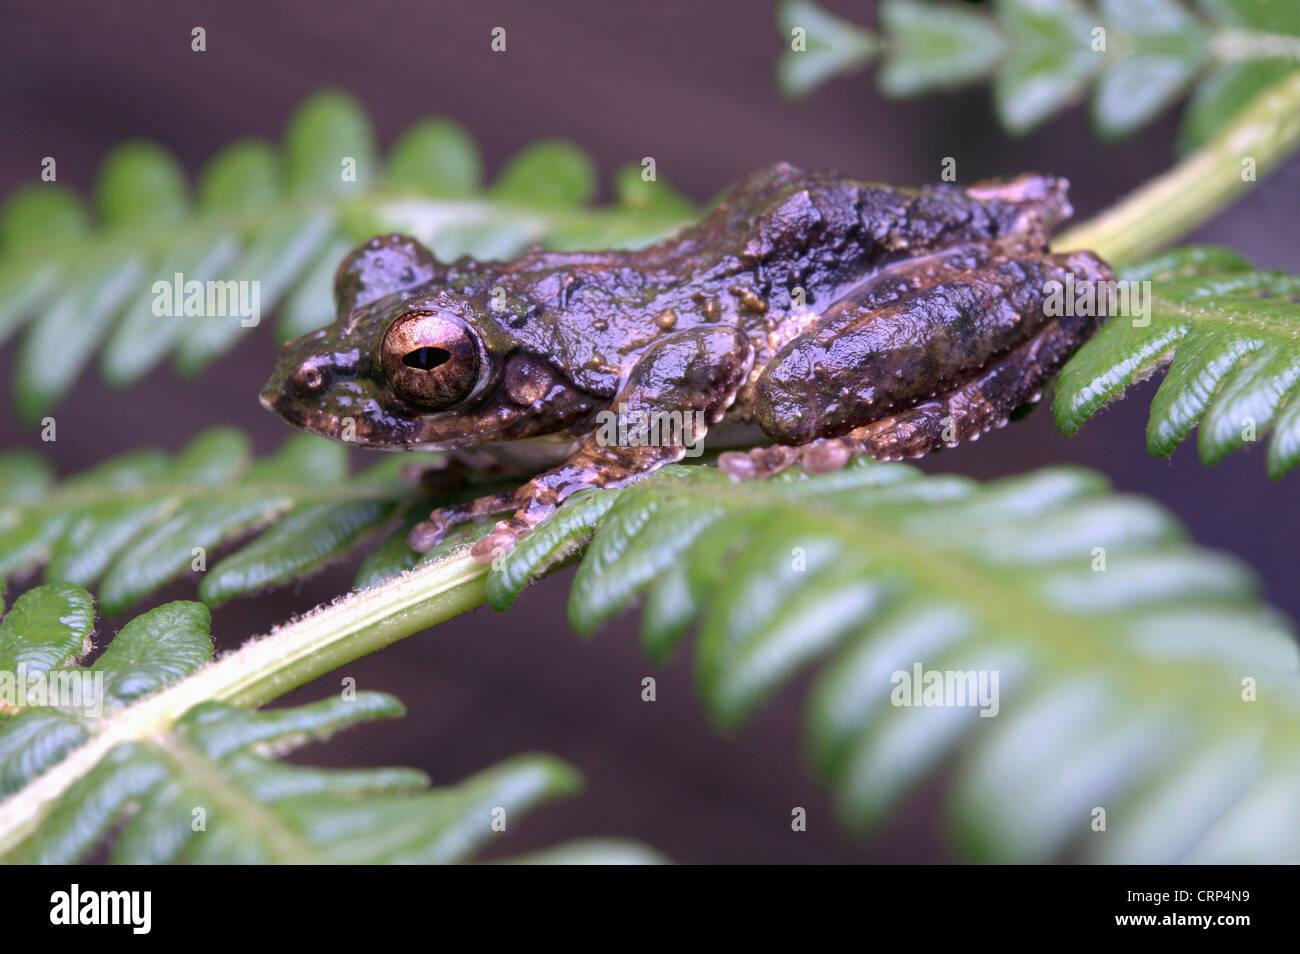 Kurixalus naso, Polypedates naso , Long-nosed Tree frog - Stock Image